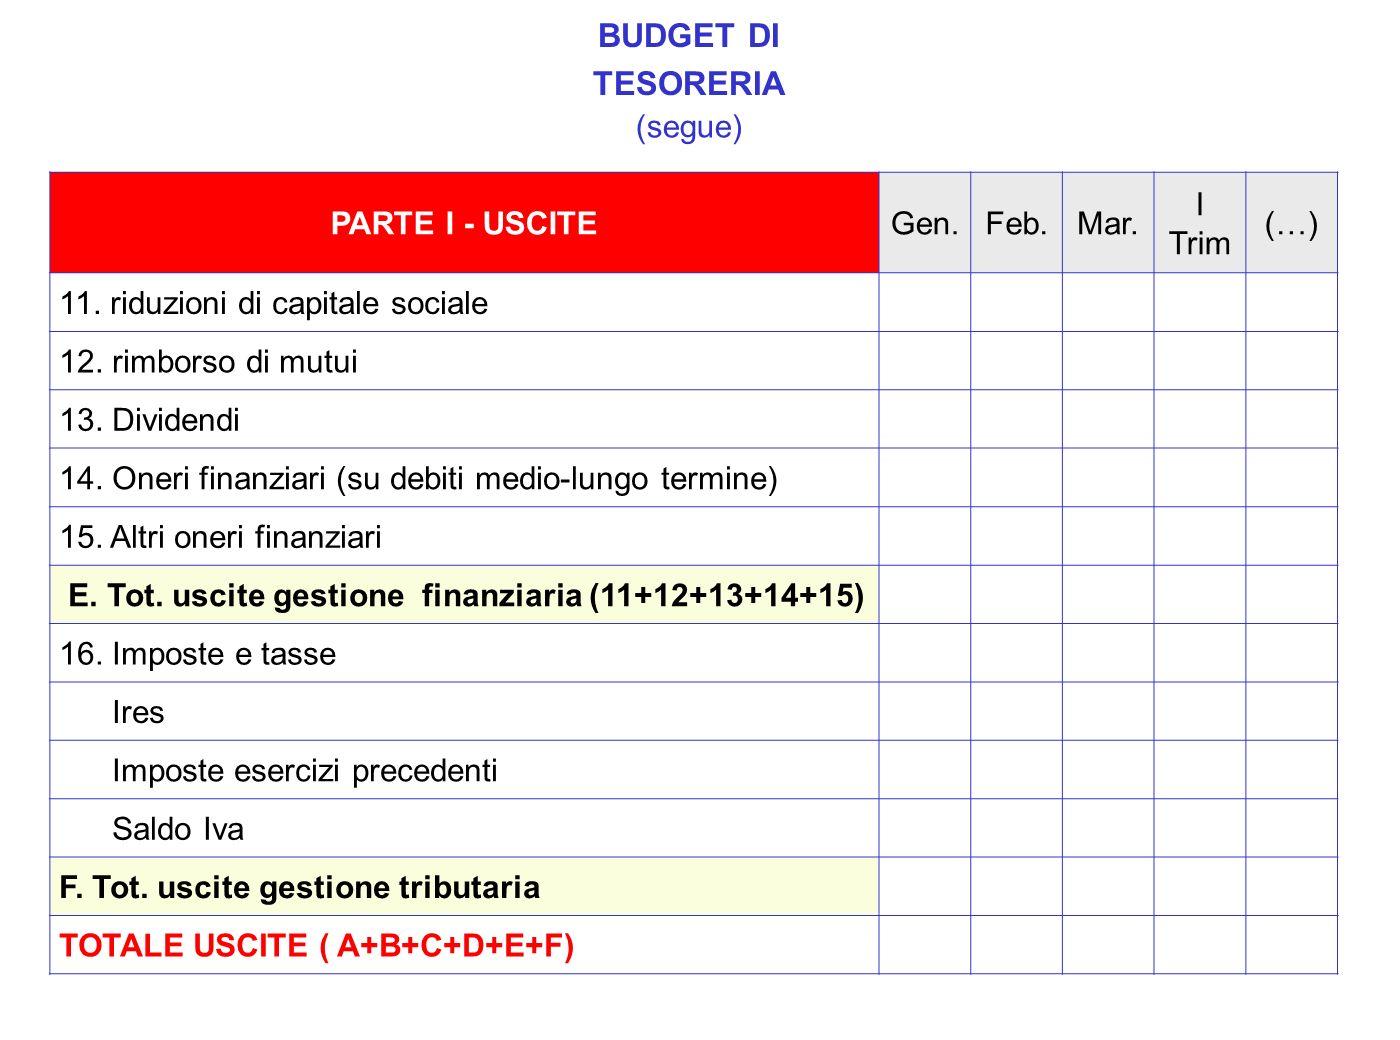 BUDGET DI TESORERIA (segue) PARTE I - USCITE Gen. Feb. Mar. I Trim (…)